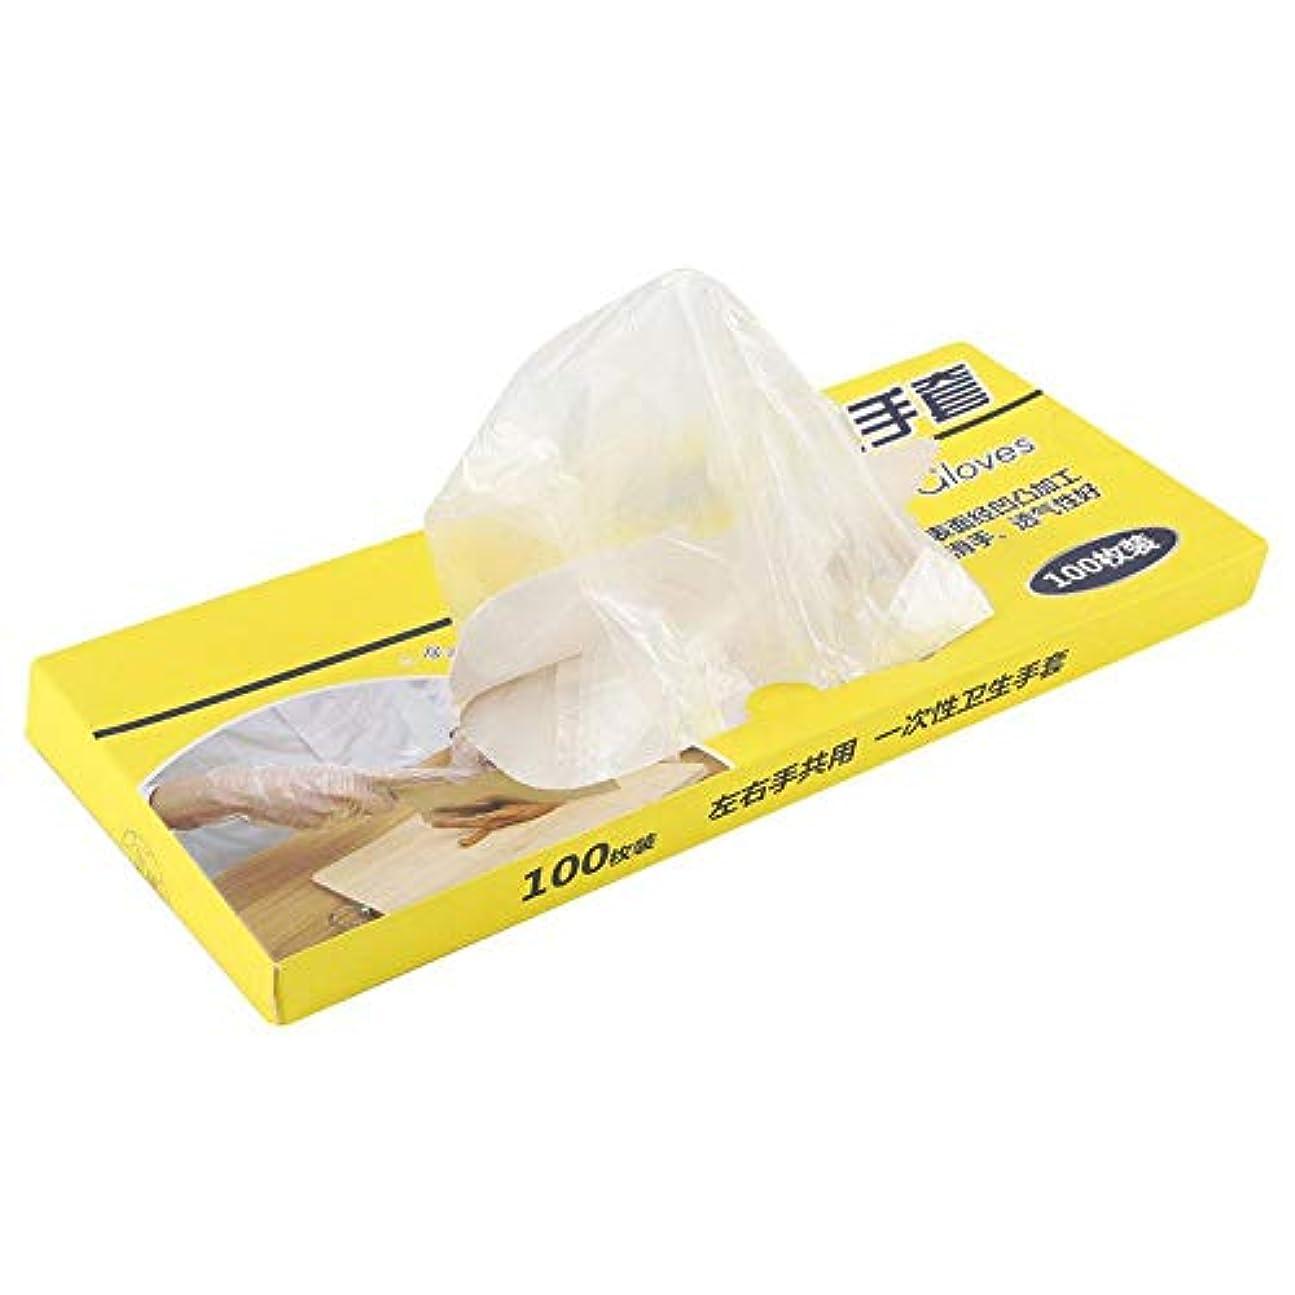 科学者領域蓄積するYosoo 100pcs 使い捨てポリ手袋 使い捨て手袋 極薄手袋 調理 お掃除 使い捨て手袋 極薄ビニール手袋 透明 実用 衛生